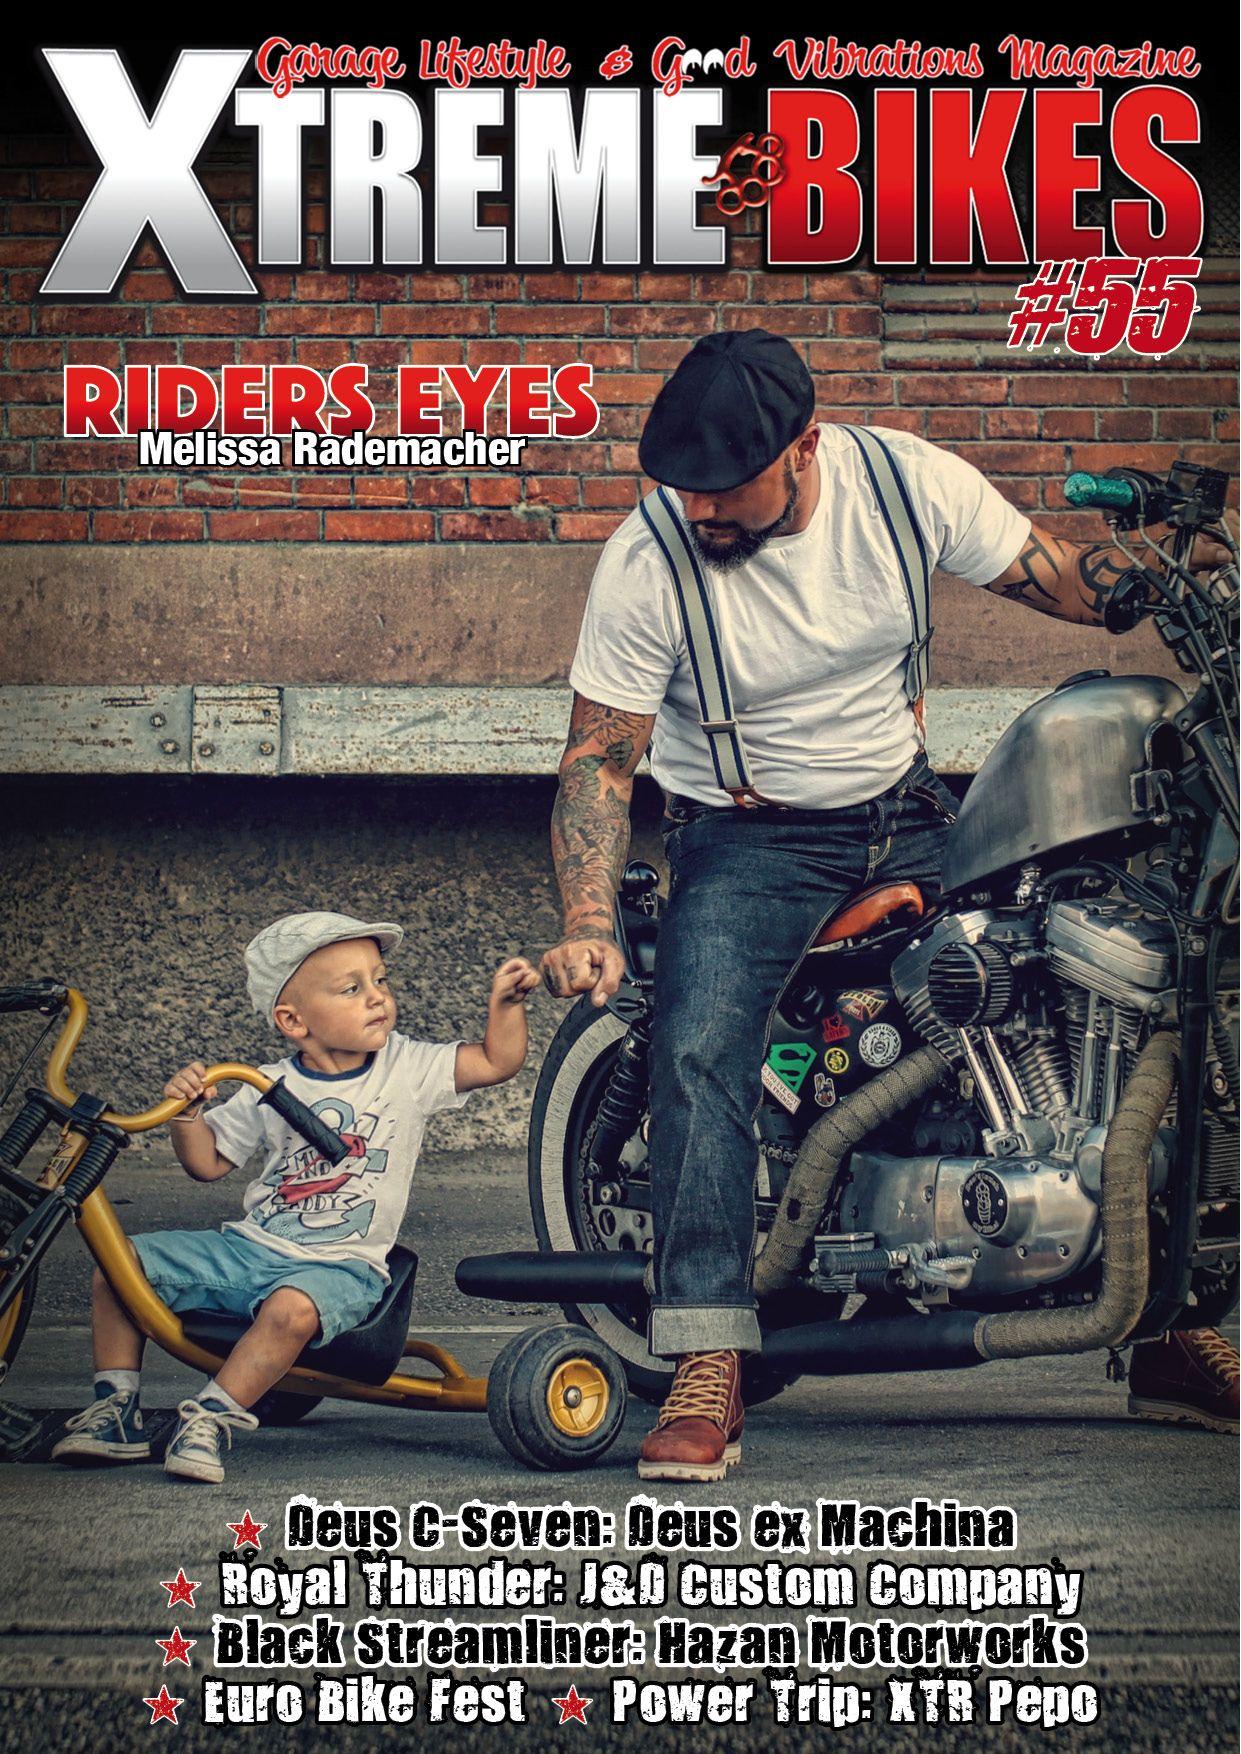 Xtreme Bikes #55